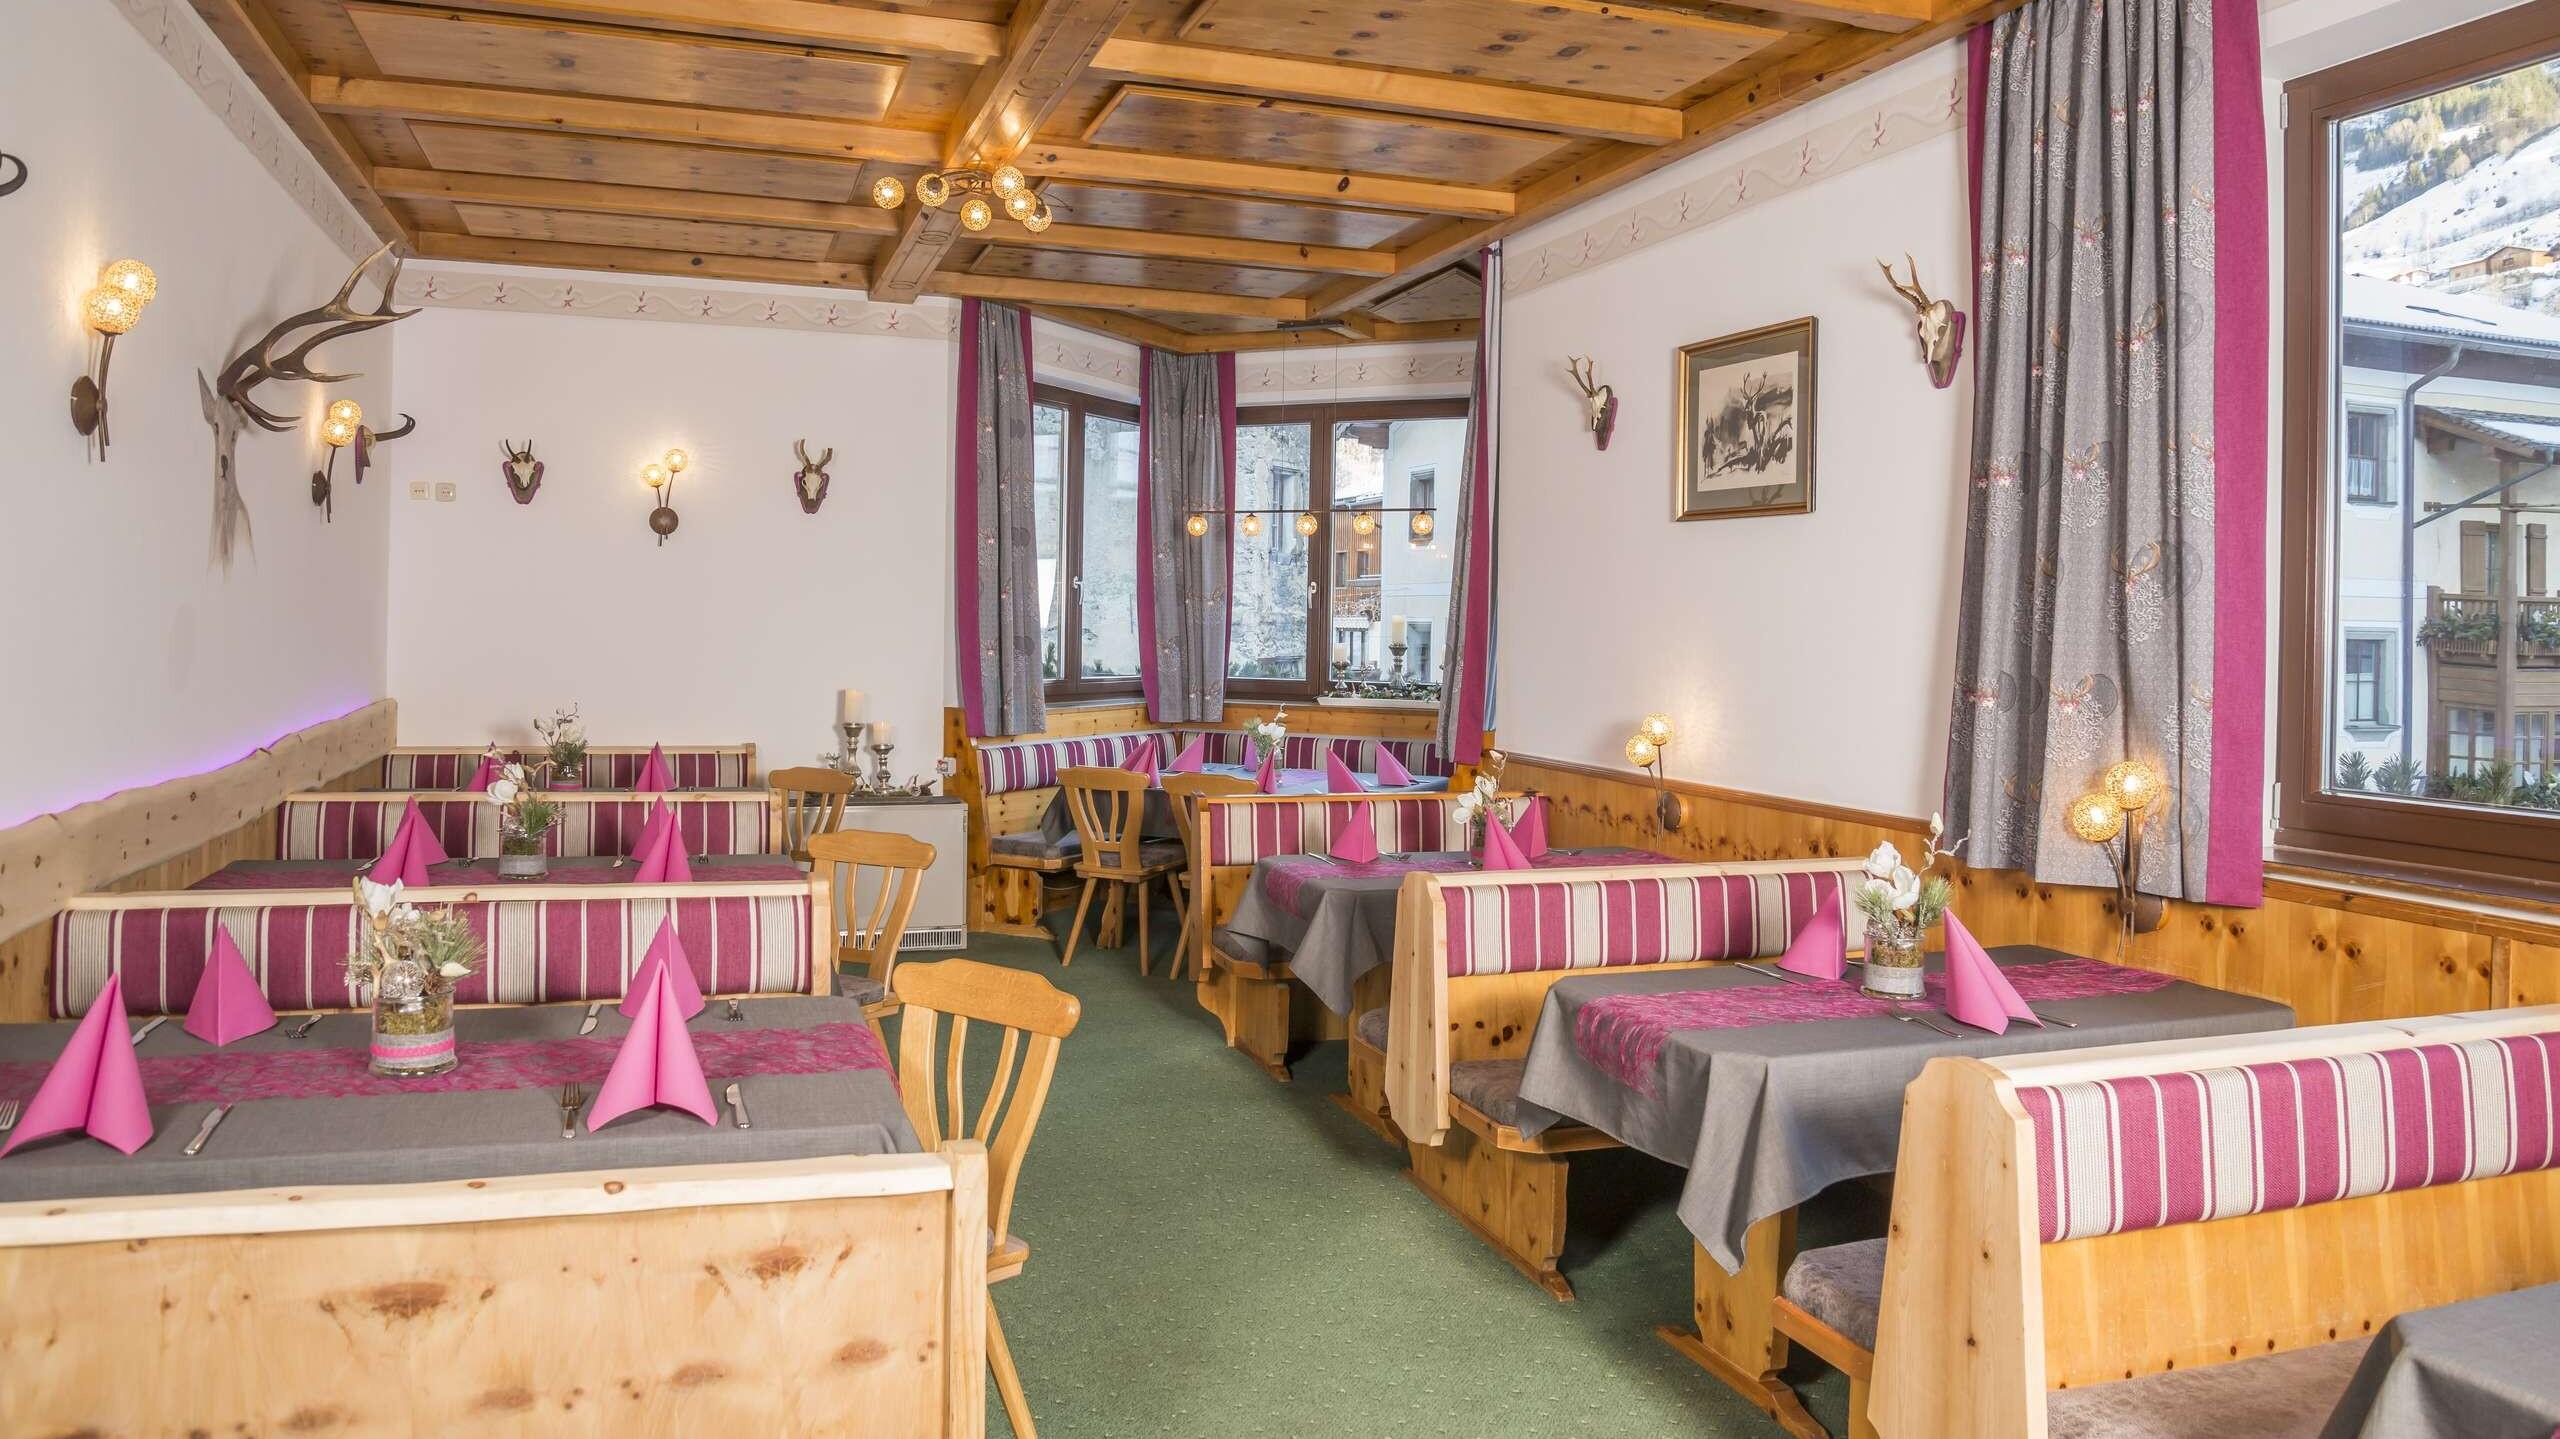 Preise & Pauschalen - Hotel Platzwirt in Rauris